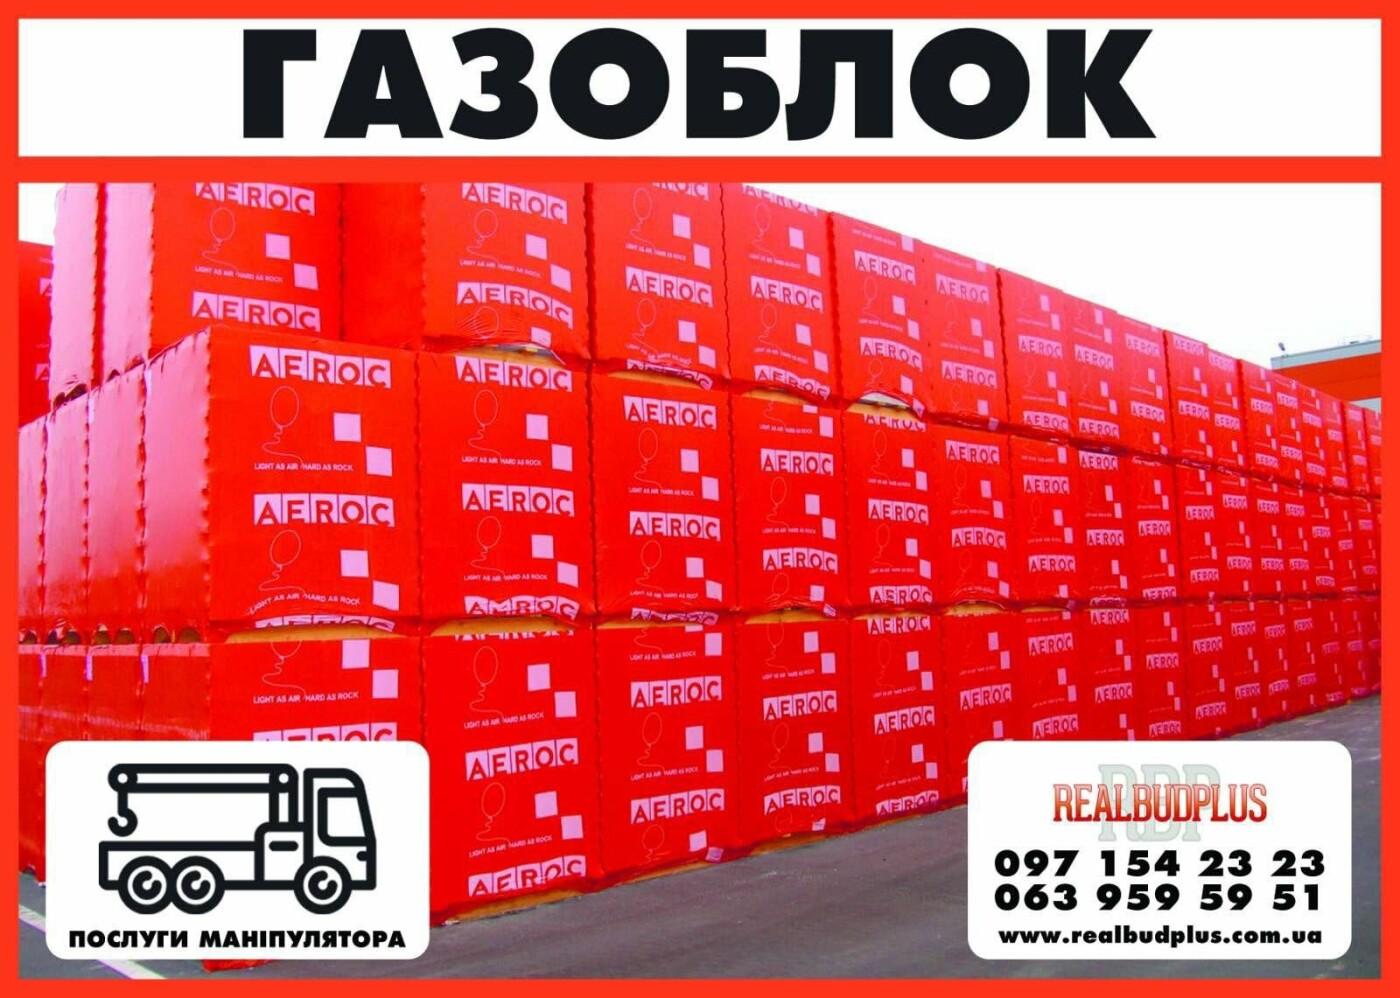 Продаж та доставка газоблоку, газобетону, піноблоку та цегли в Броварах, фото-1